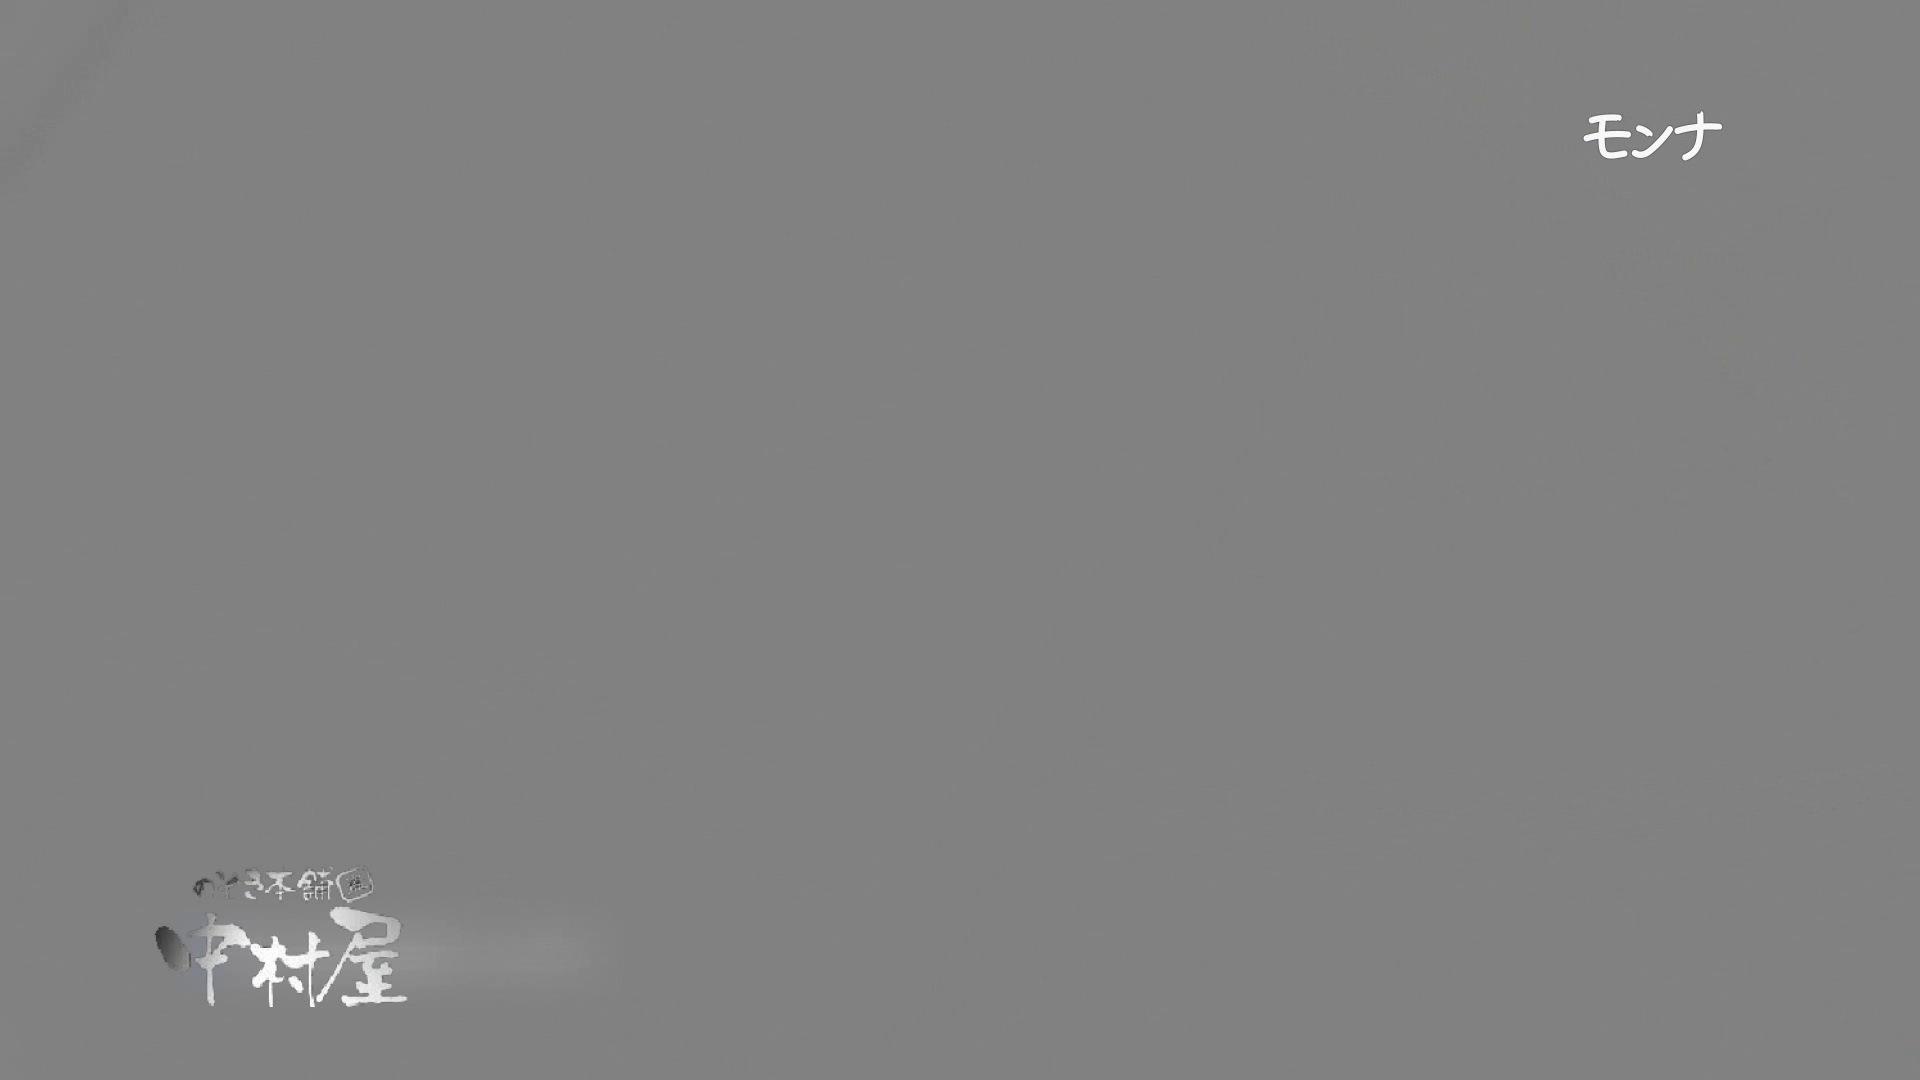 【美しい日本の未来】新学期!!下半身中心に攻めてます美女可愛い女子悪戯盗satuトイレ後編 トイレ流出 | 悪戯  82連発 81